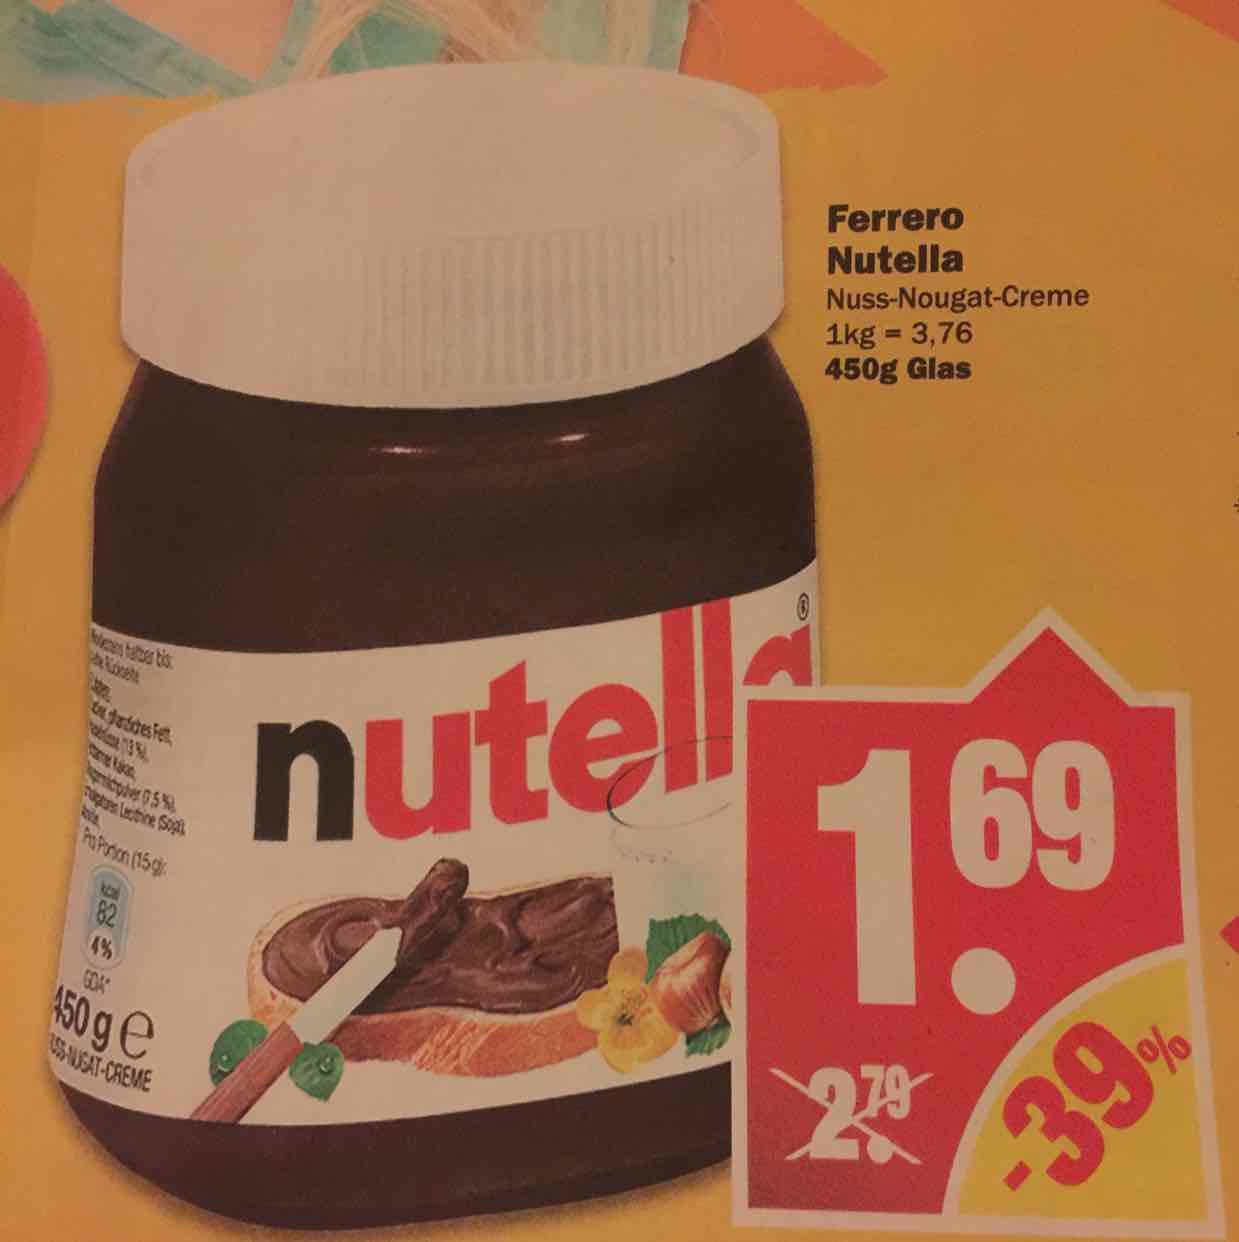 Nutella 450g für 1,69€ [NP]